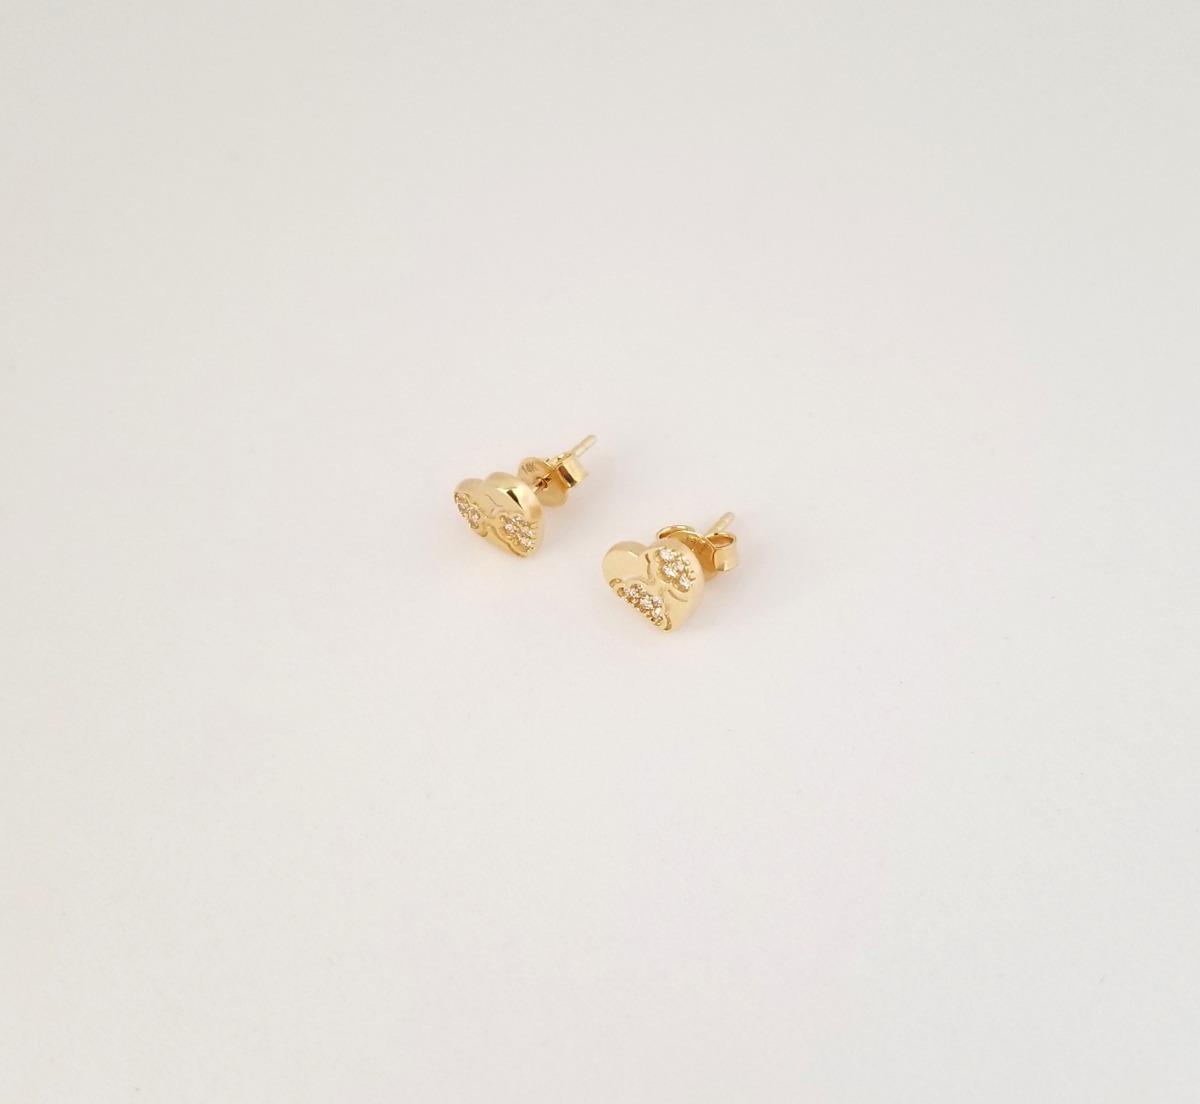 fbdf0a50844d hermosos aretes para dama oro 14k corazón piedras. Cargando zoom.